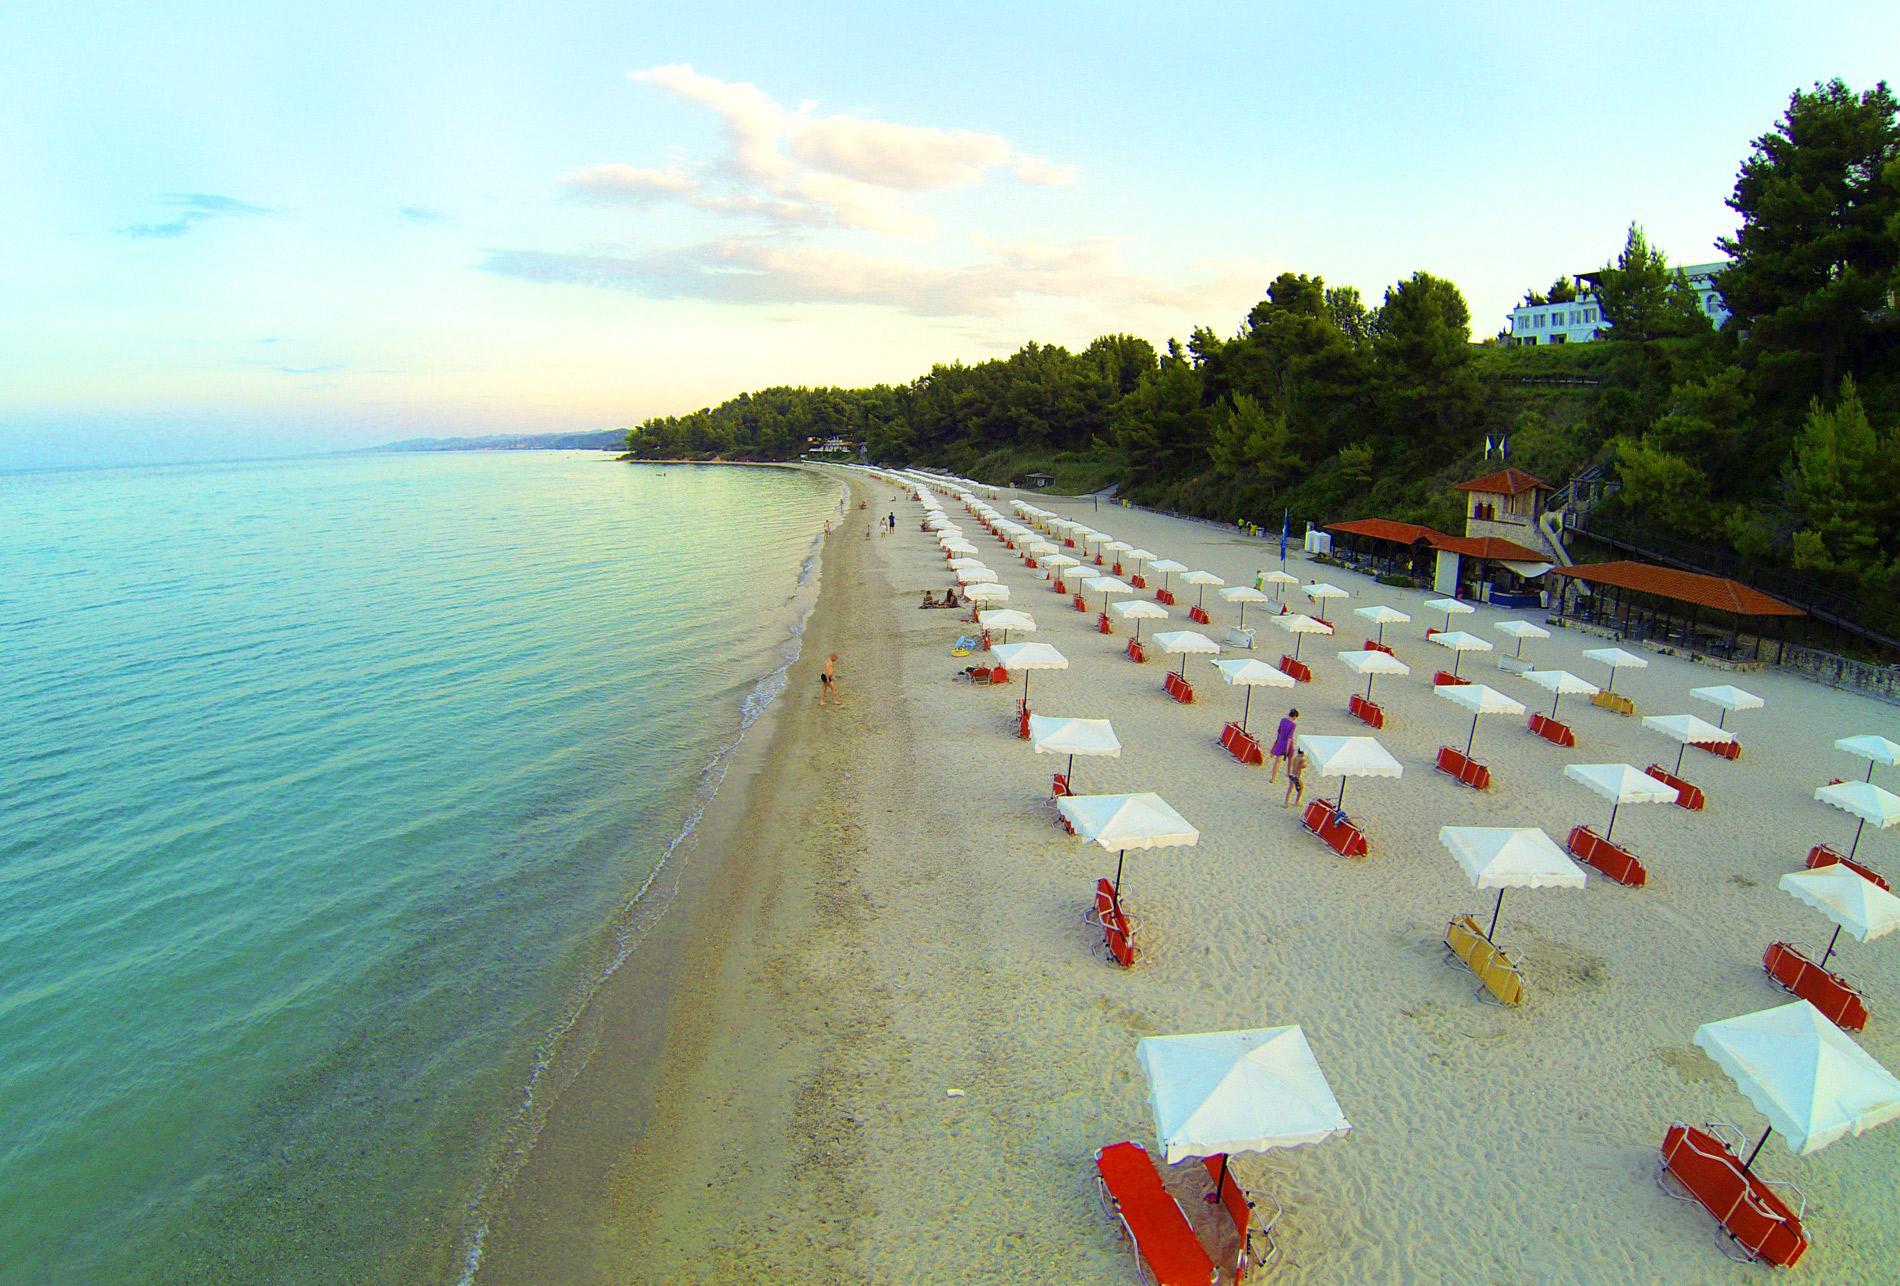 Alexander-Aerial-Beach1